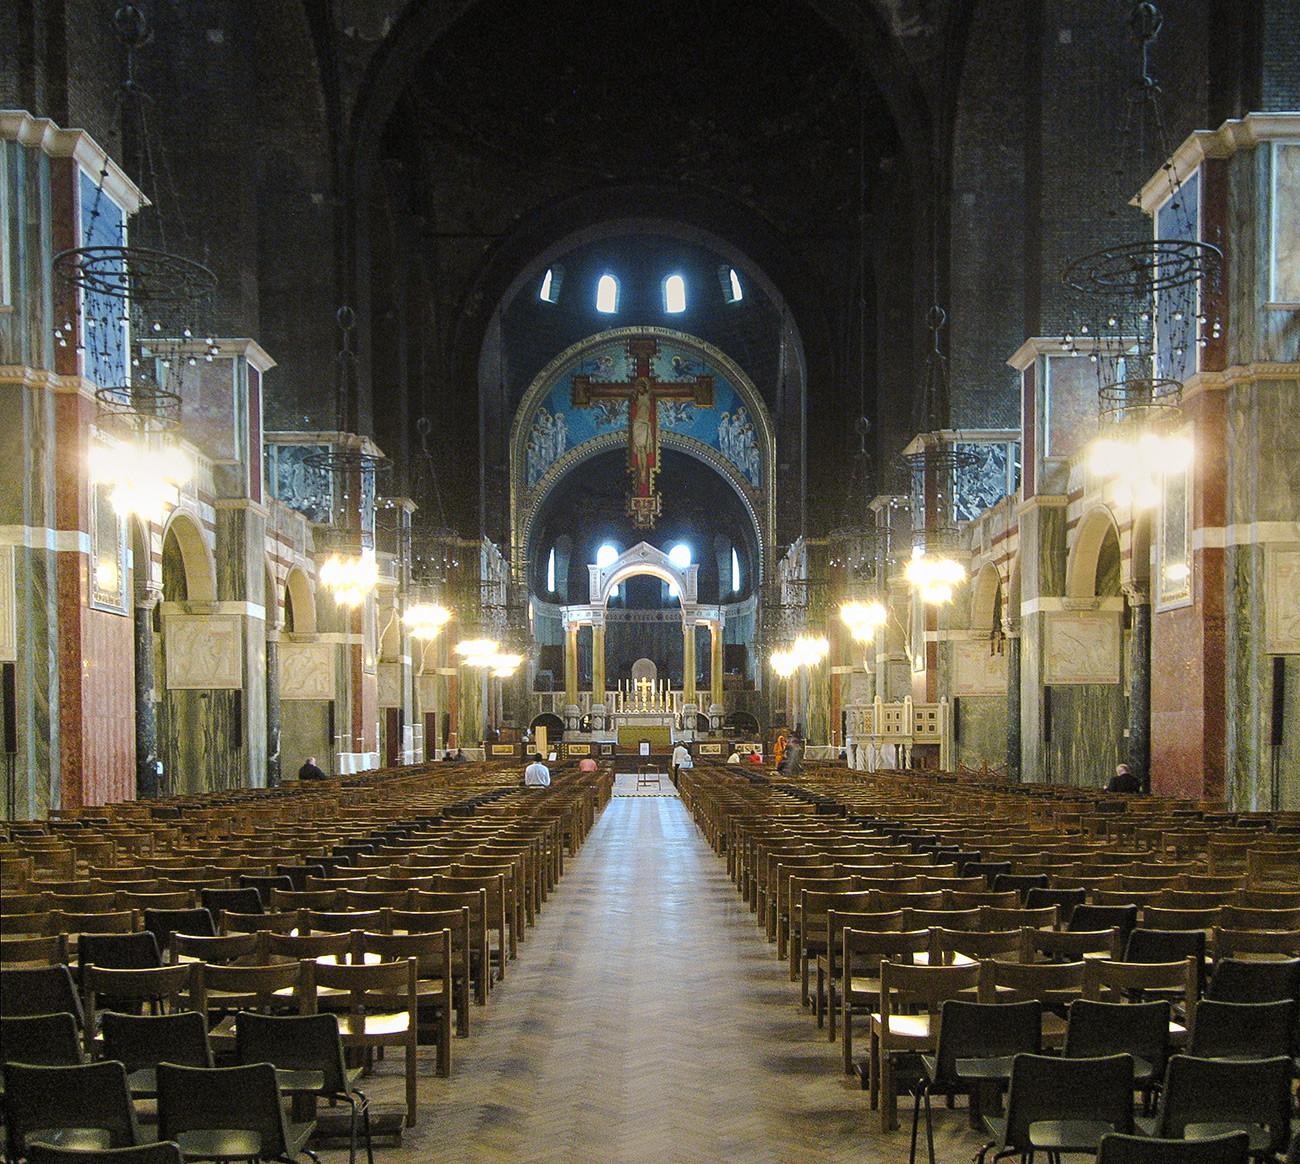 Scena je zapravo snimljena u katoličkoj Westminsterskoj katedrali u Londonu (ne treba je brkati s Westminsterskom opatijom).